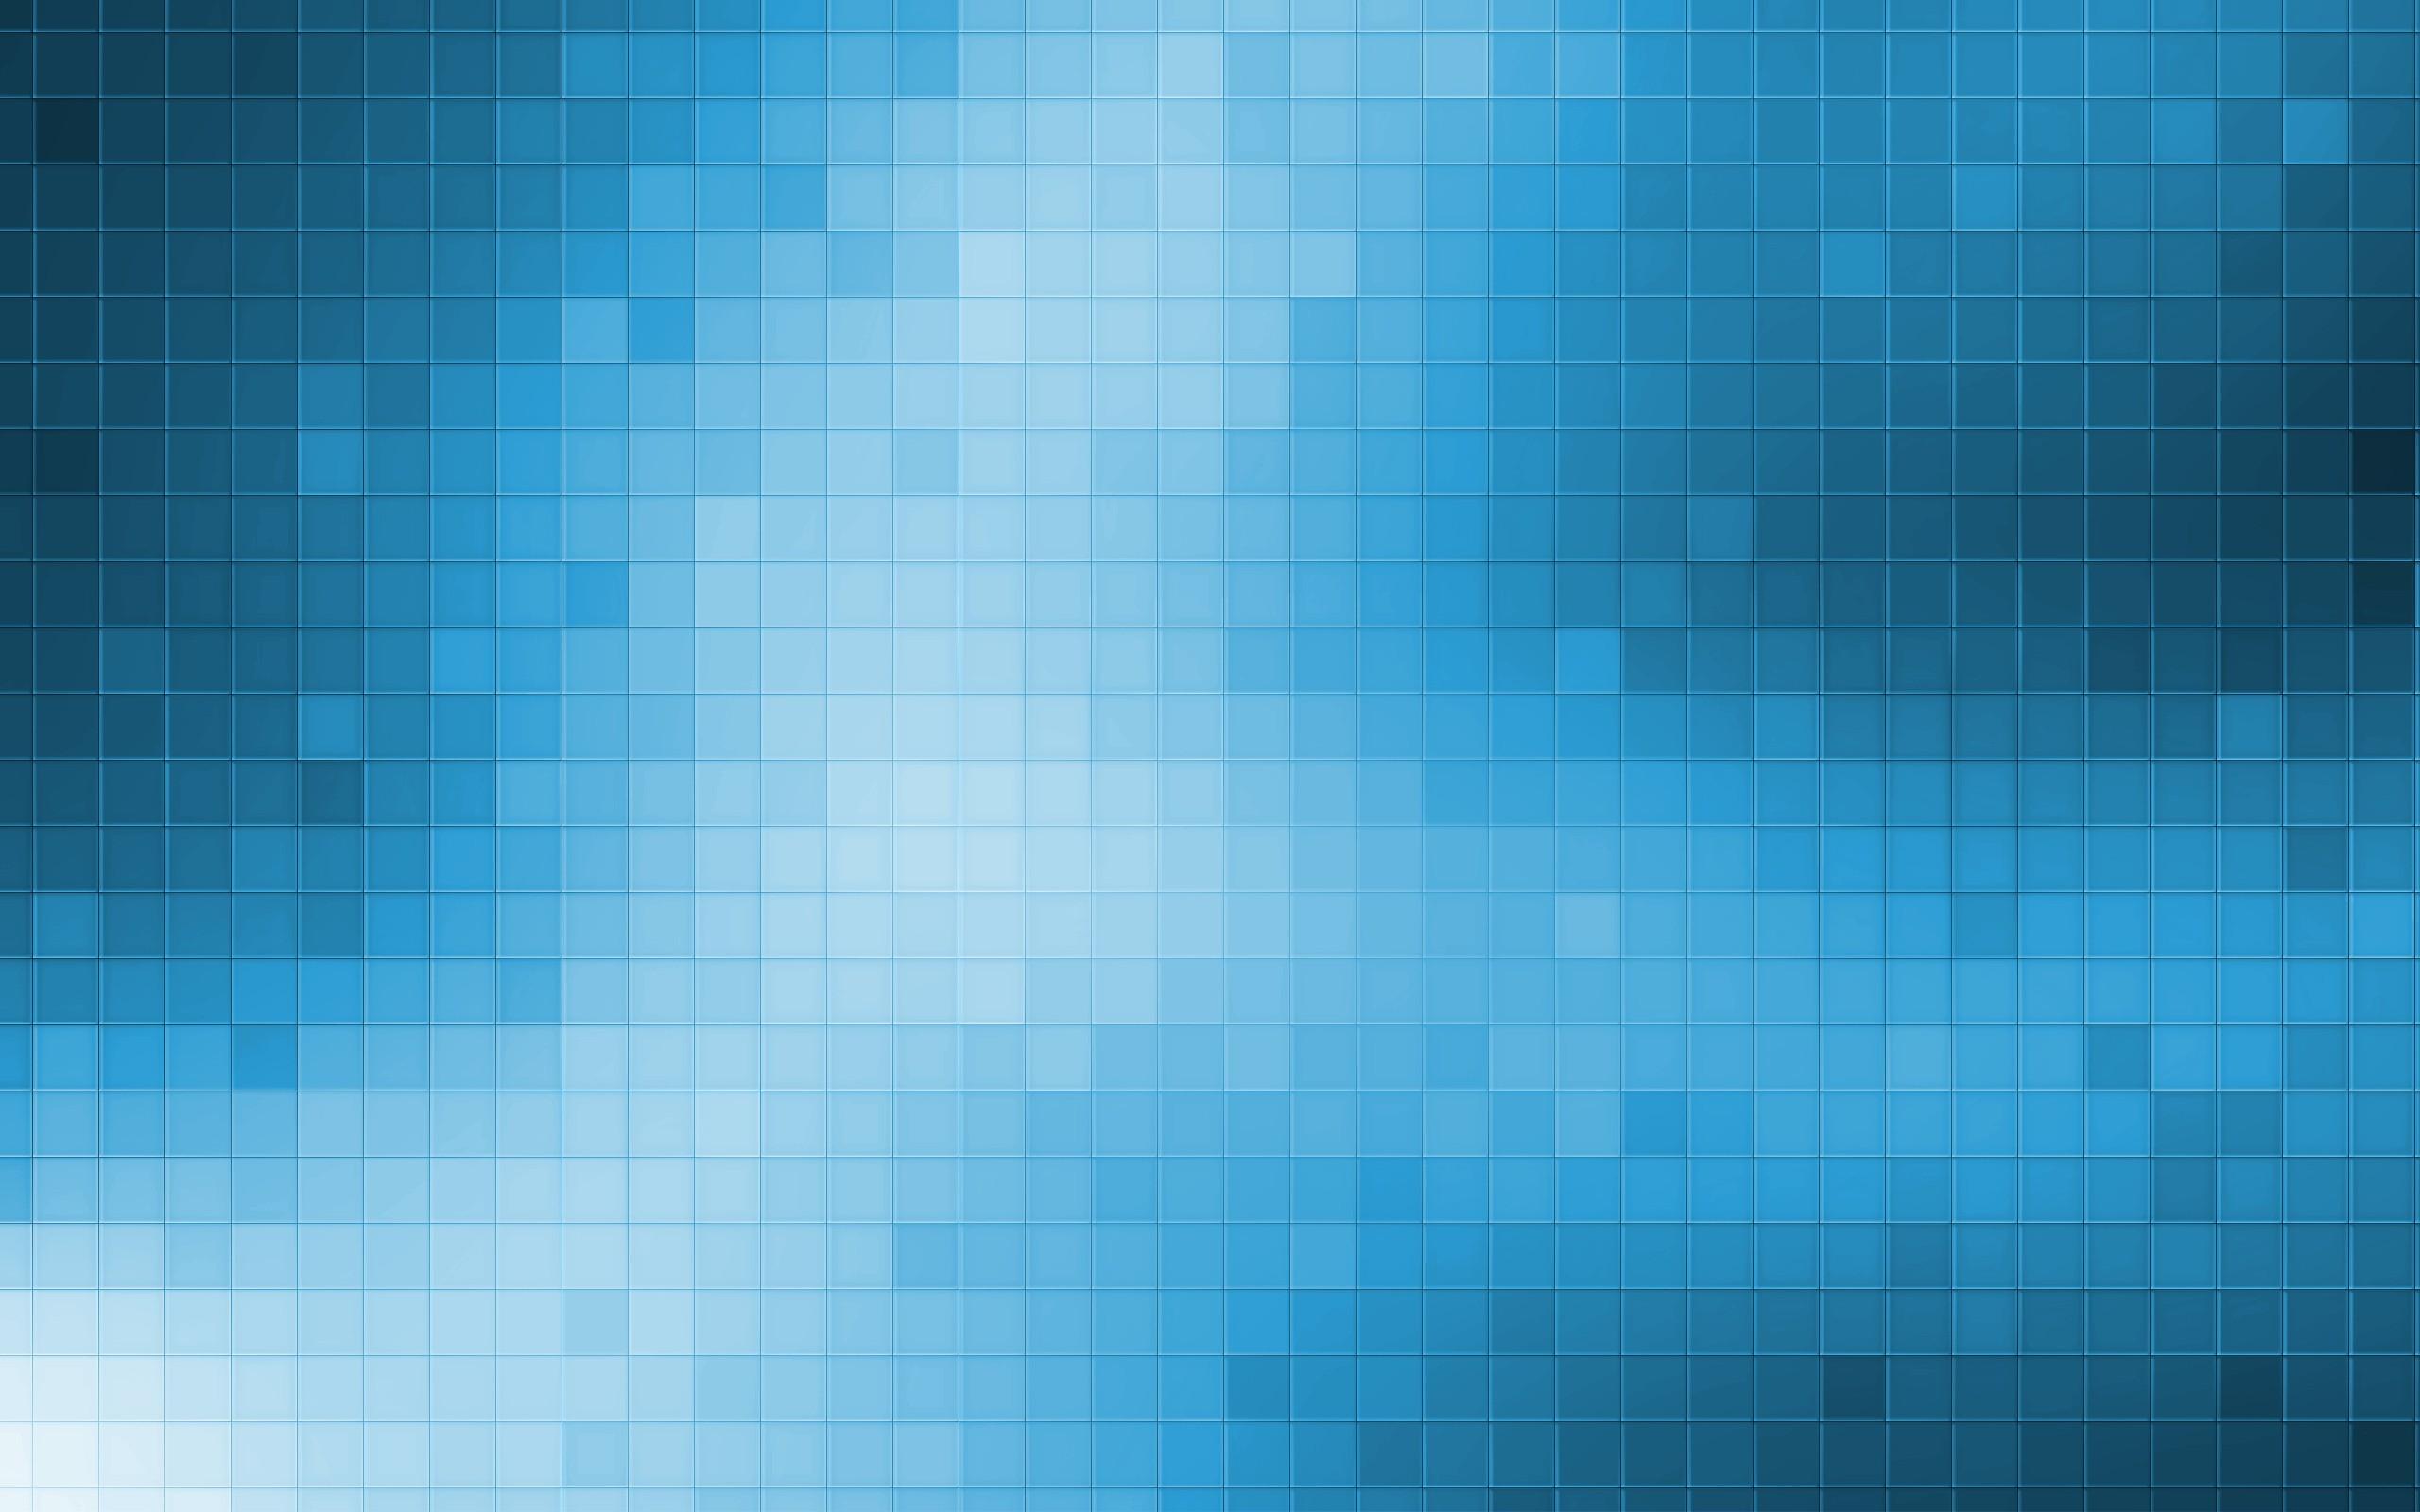 Pink Pixels Wallpaper 2560x1600 Pink Pixels 2560x1600